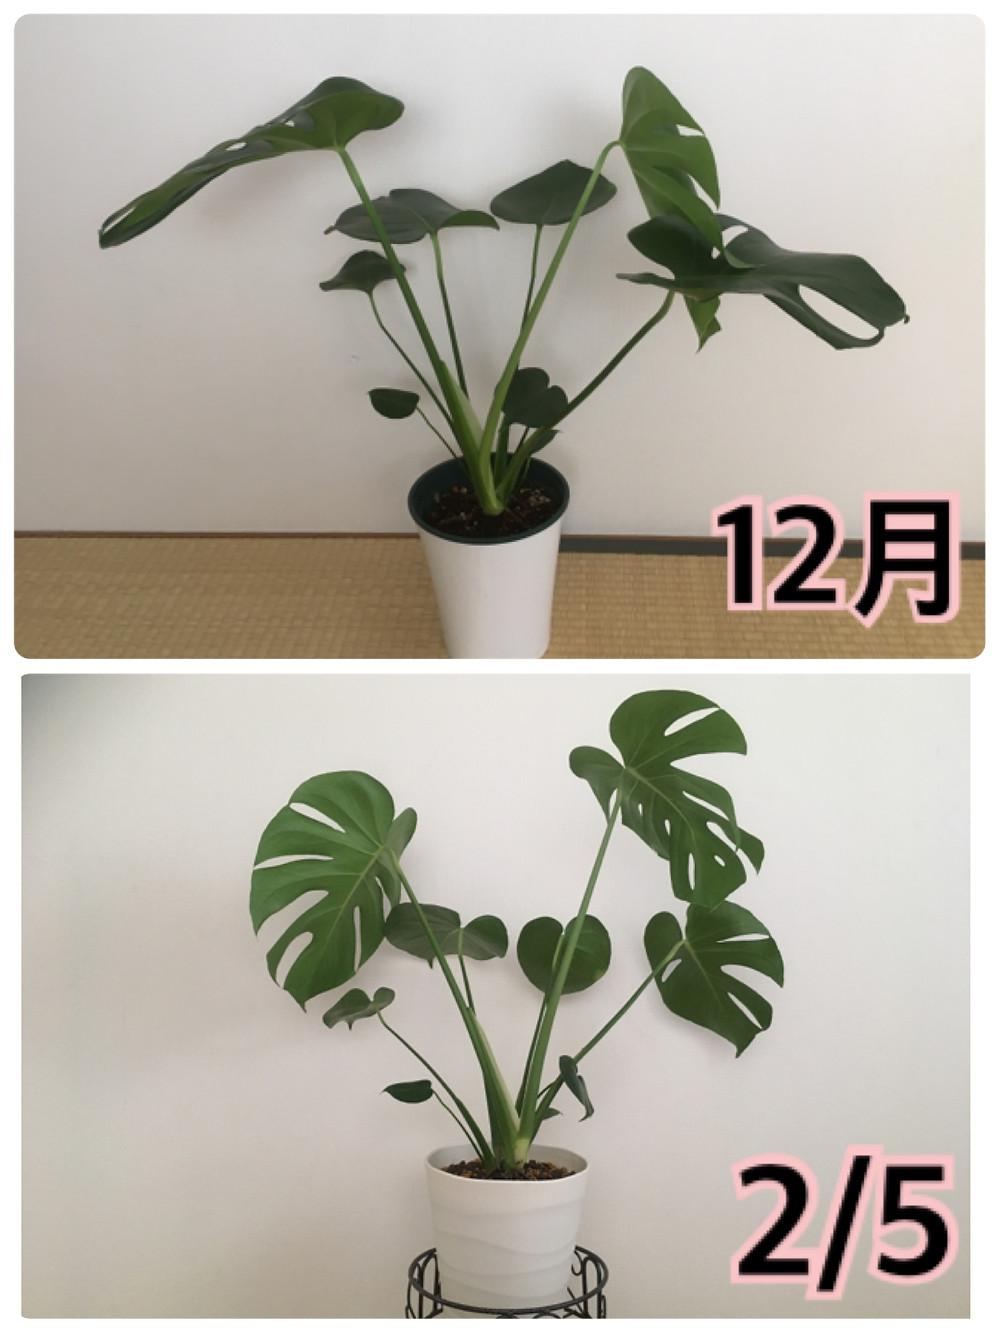 植え替え前と植え替え後1か月経過したモンステラの比較